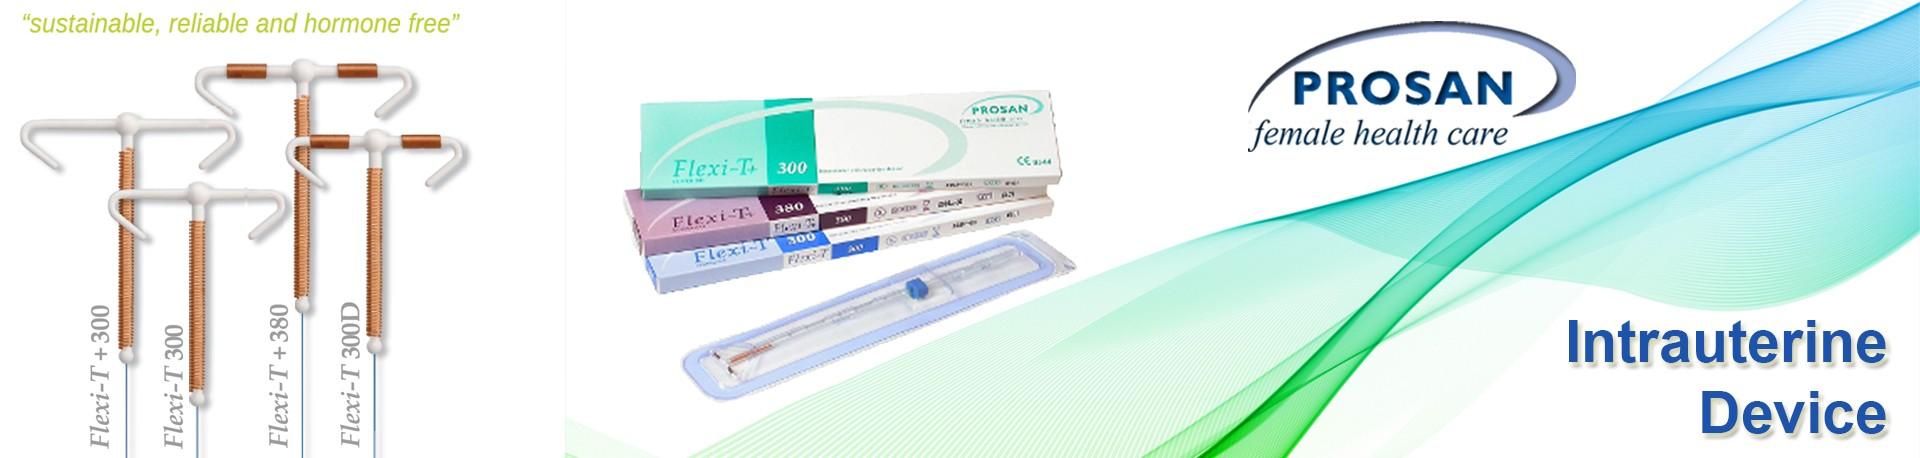 Intrauterine device Prosan